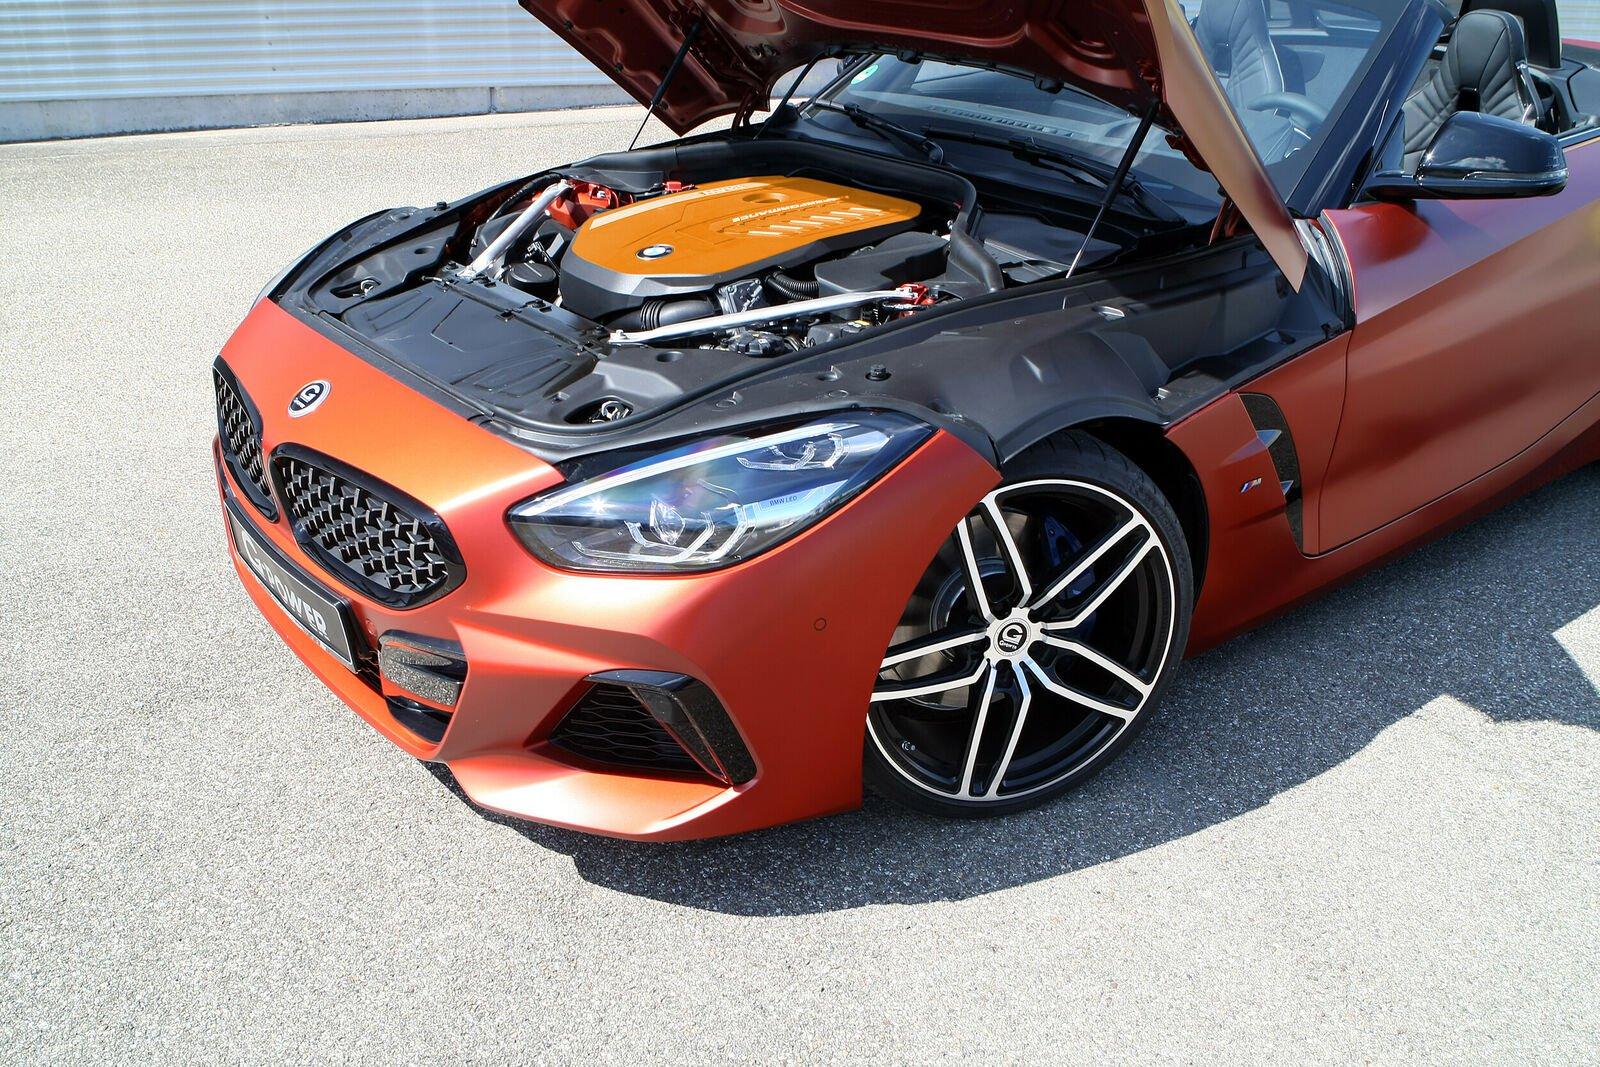 BMW Z4 M40i by G-Power